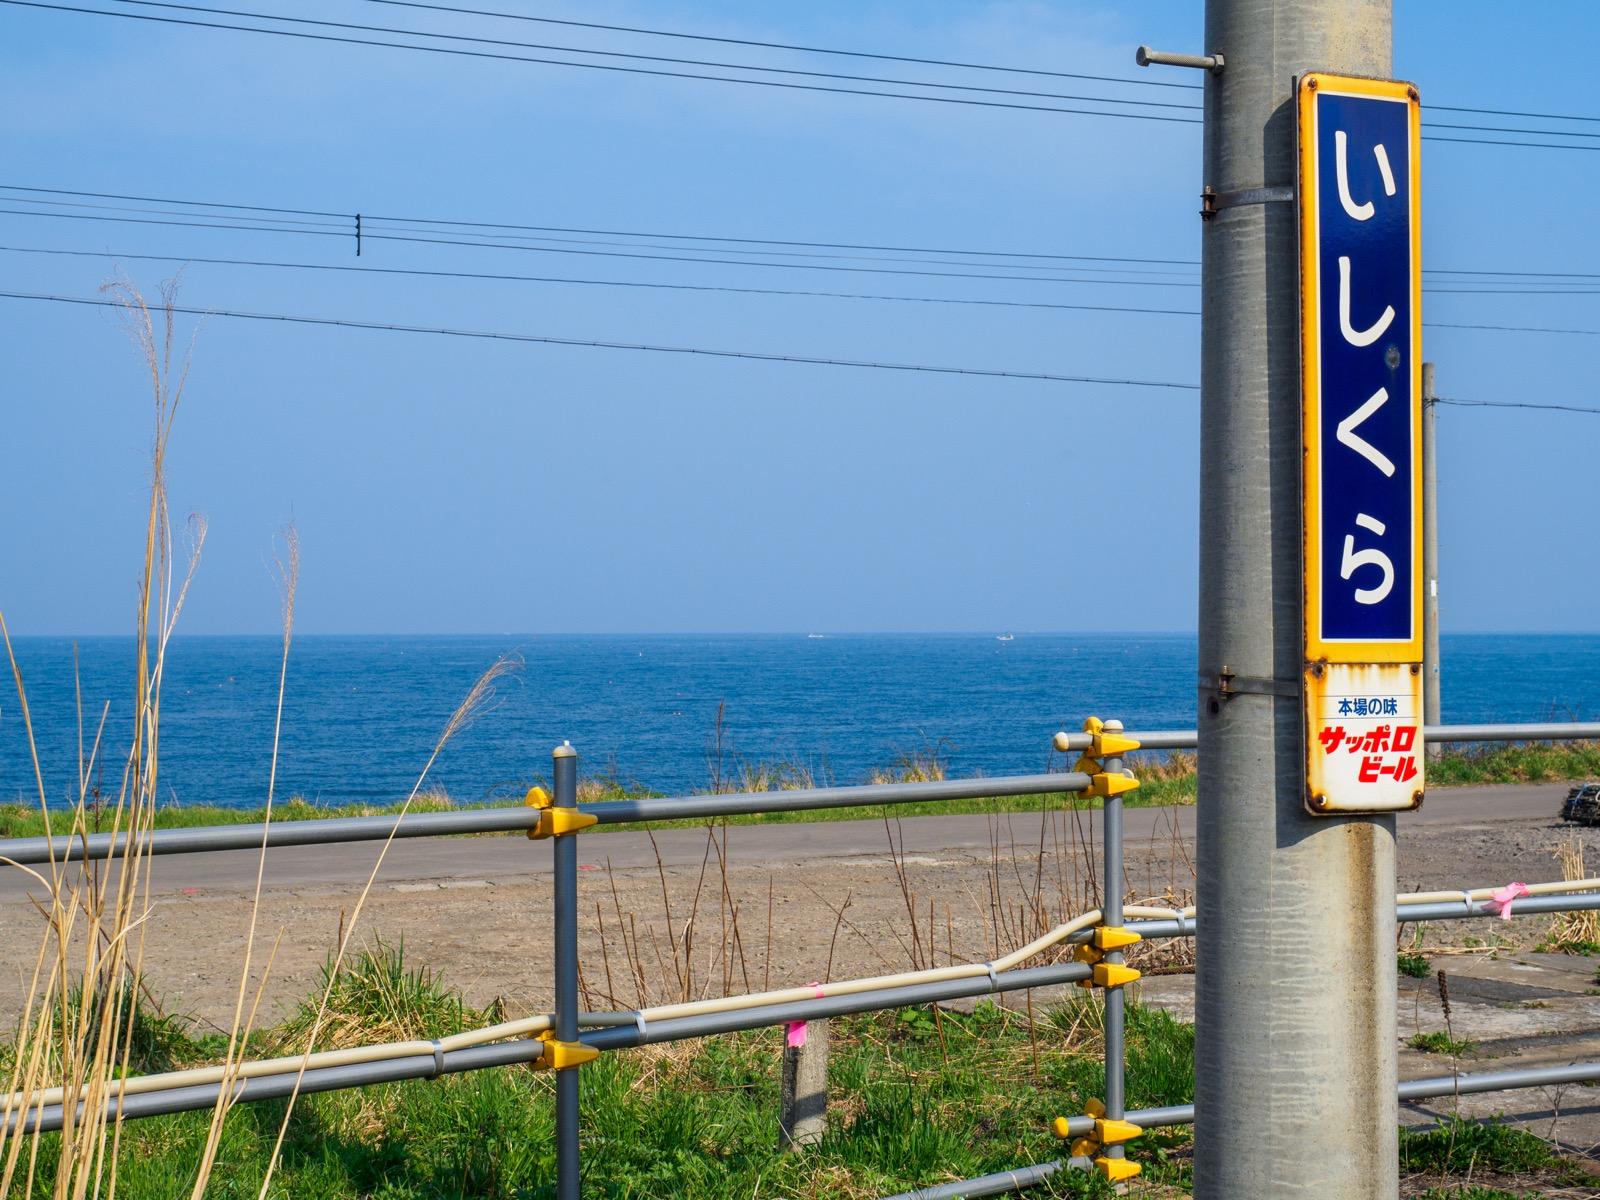 石倉駅のホームから見た噴火湾(内浦湾)